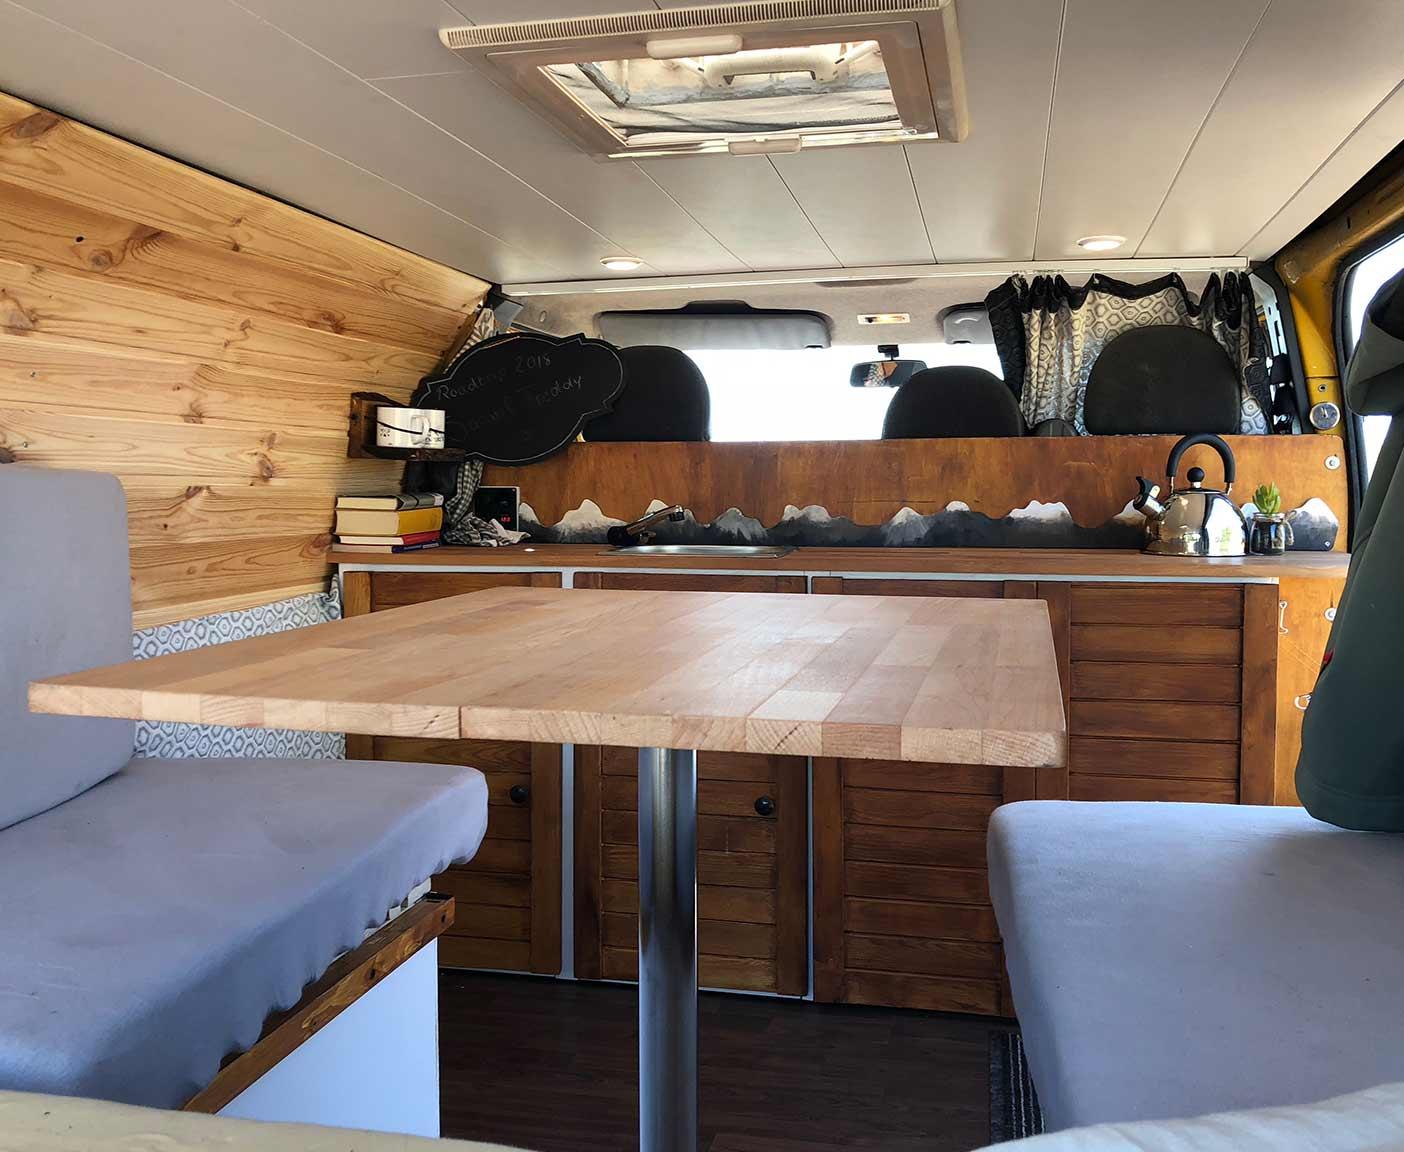 Ford-Transit-van-camper-custom-kochen-gebraucht-küche-tischkontruktion-sitze